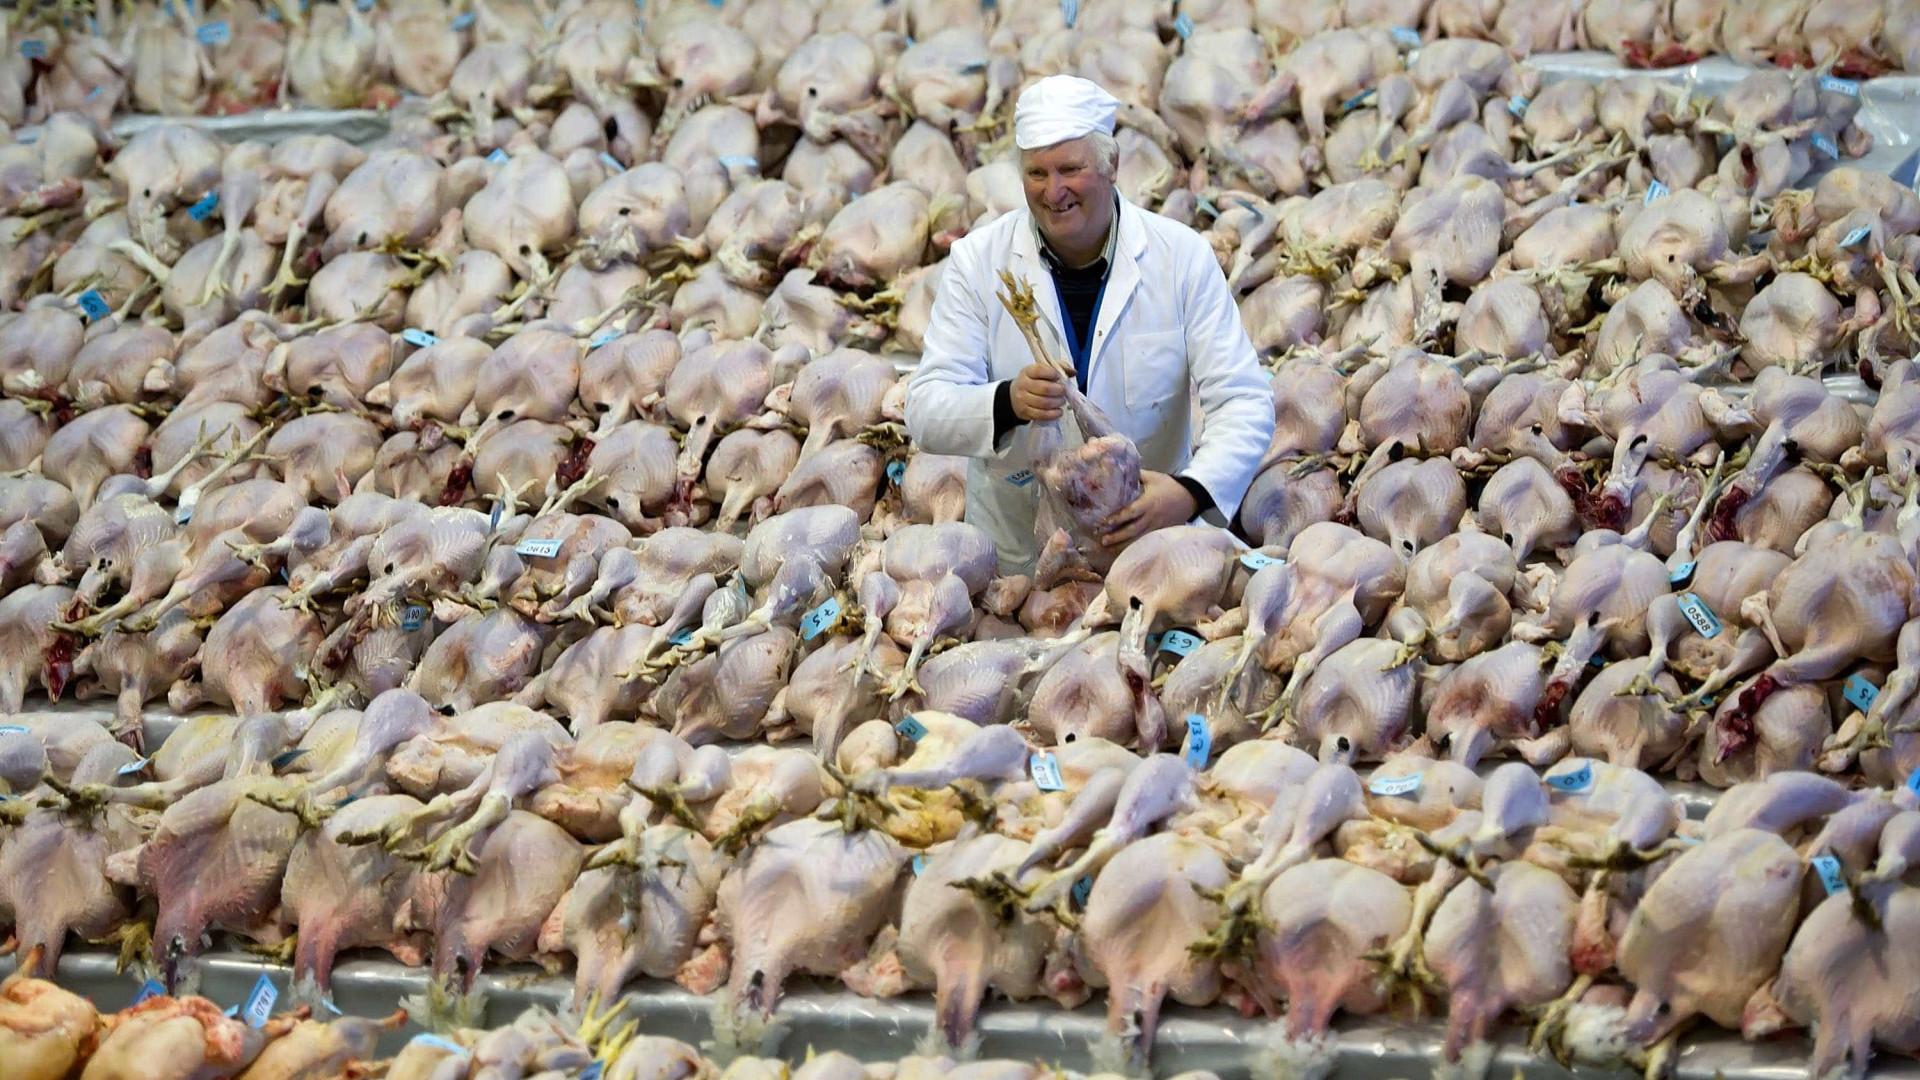 Japão abate 320 mil animais por causa da gripe das aves